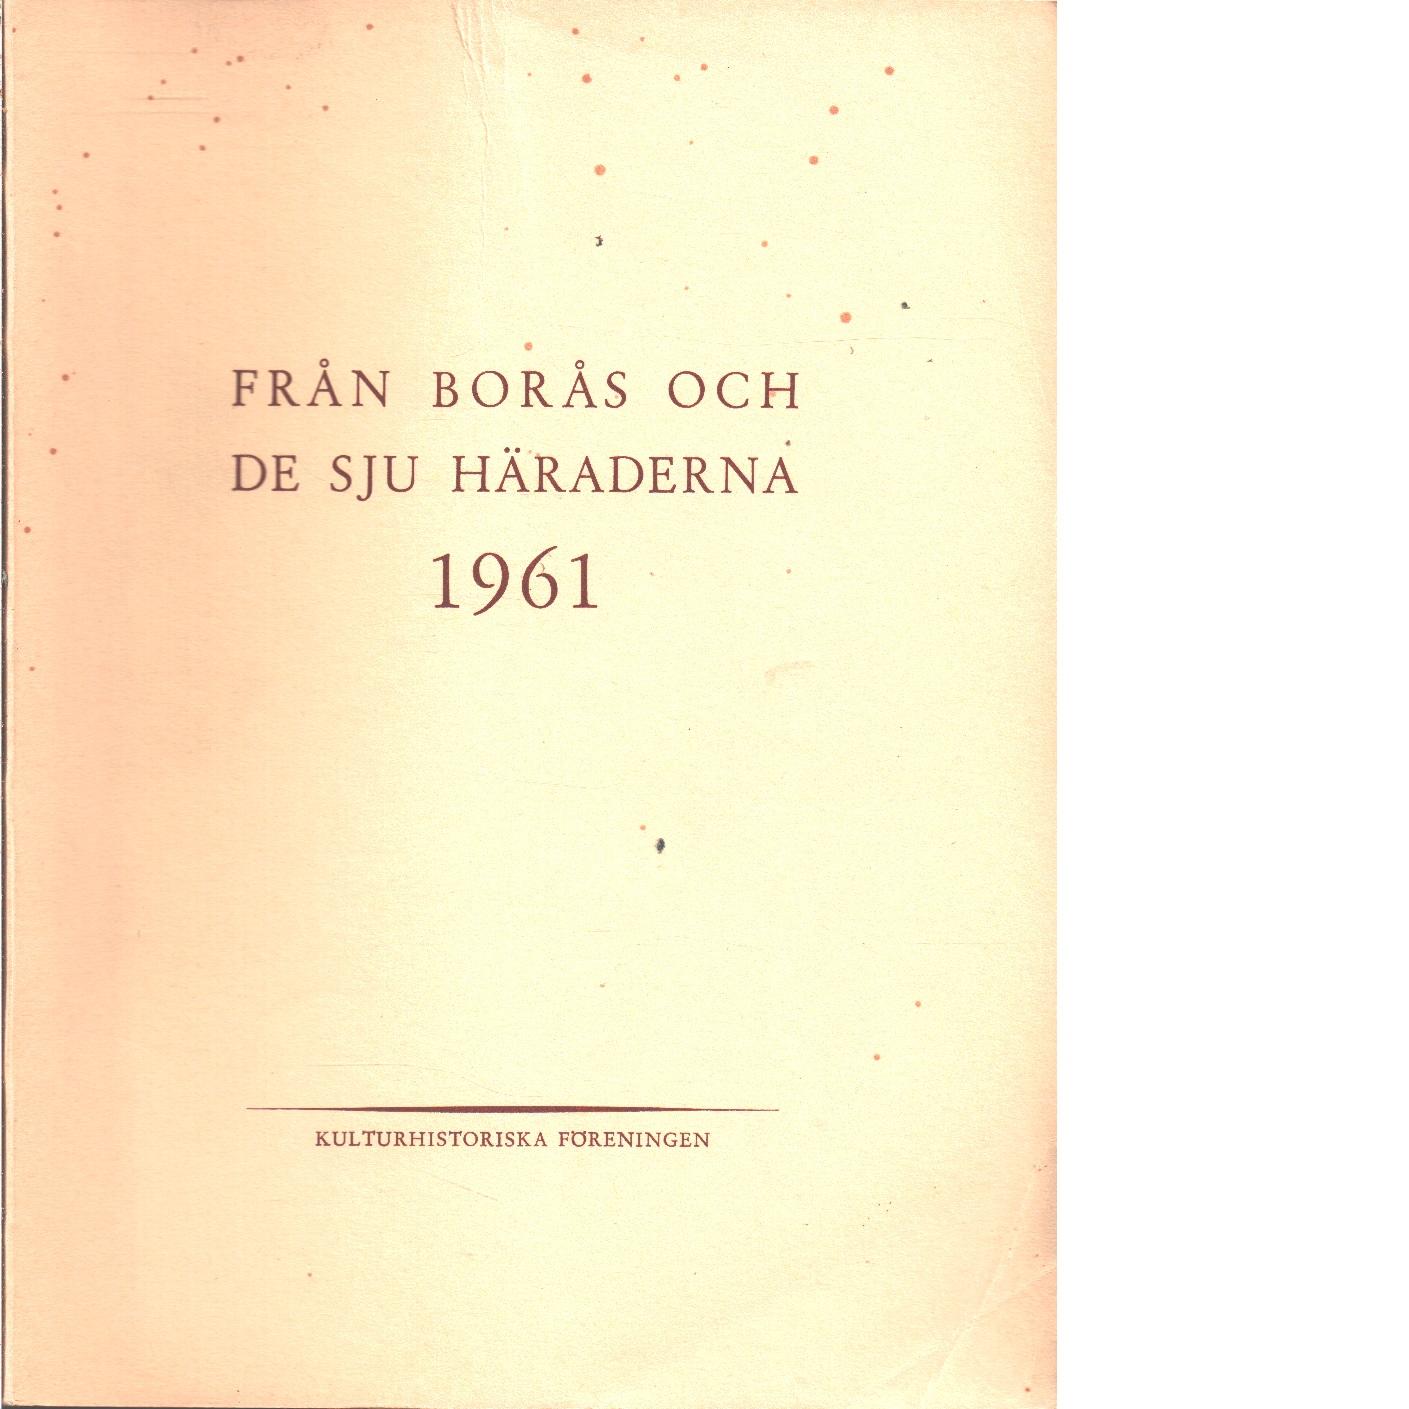 Från Borås och de sju häraderna. 1961 - Red. De sju häradernas kulturhistoriska förening